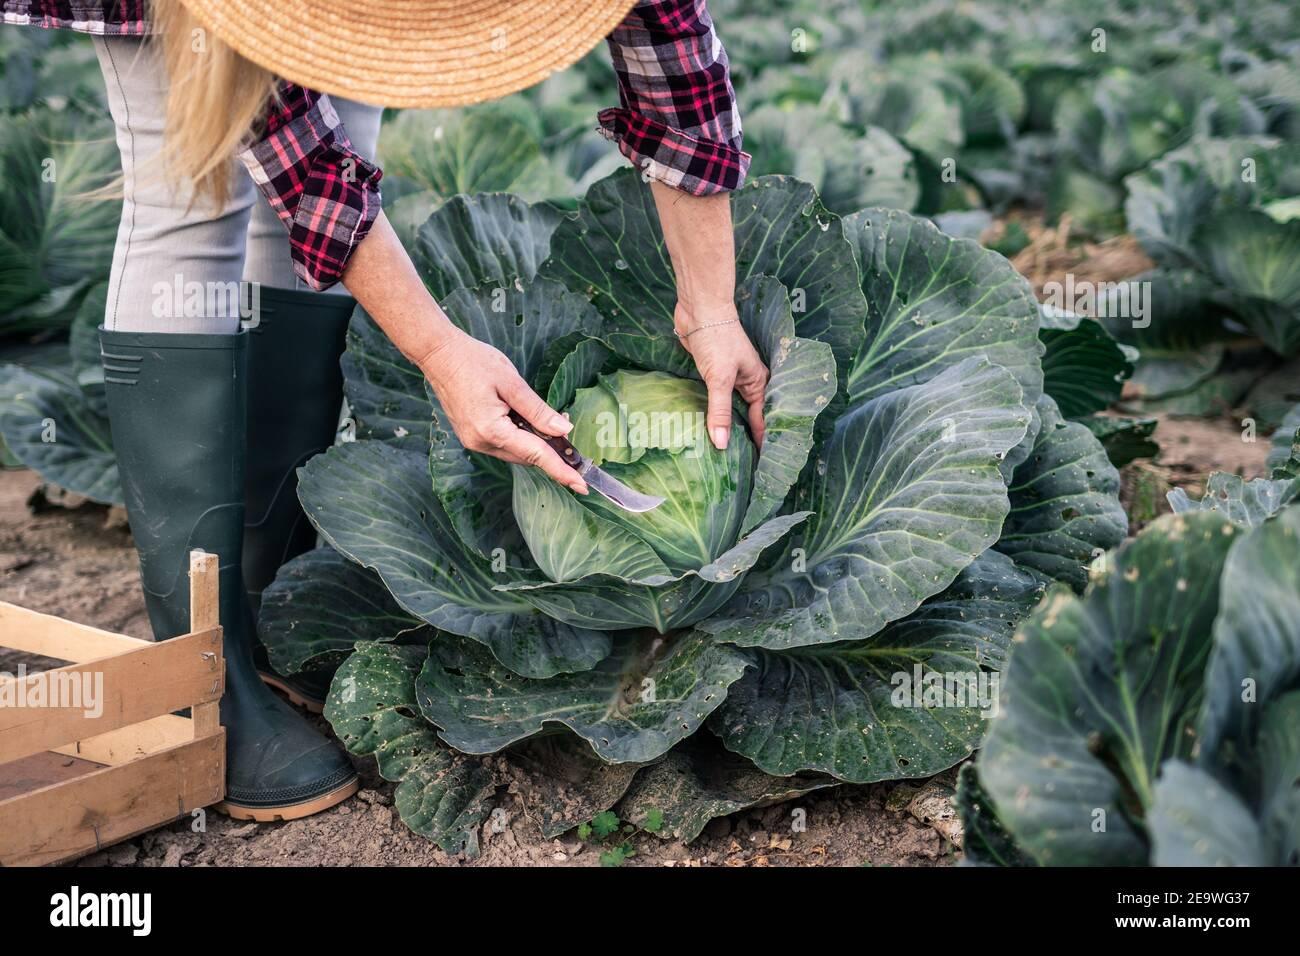 Granjero cosechando repollo en el campo. Mujer recogiendo verduras en la granja orgánica. Actividad agrícola en la temporada de otoño Foto de stock